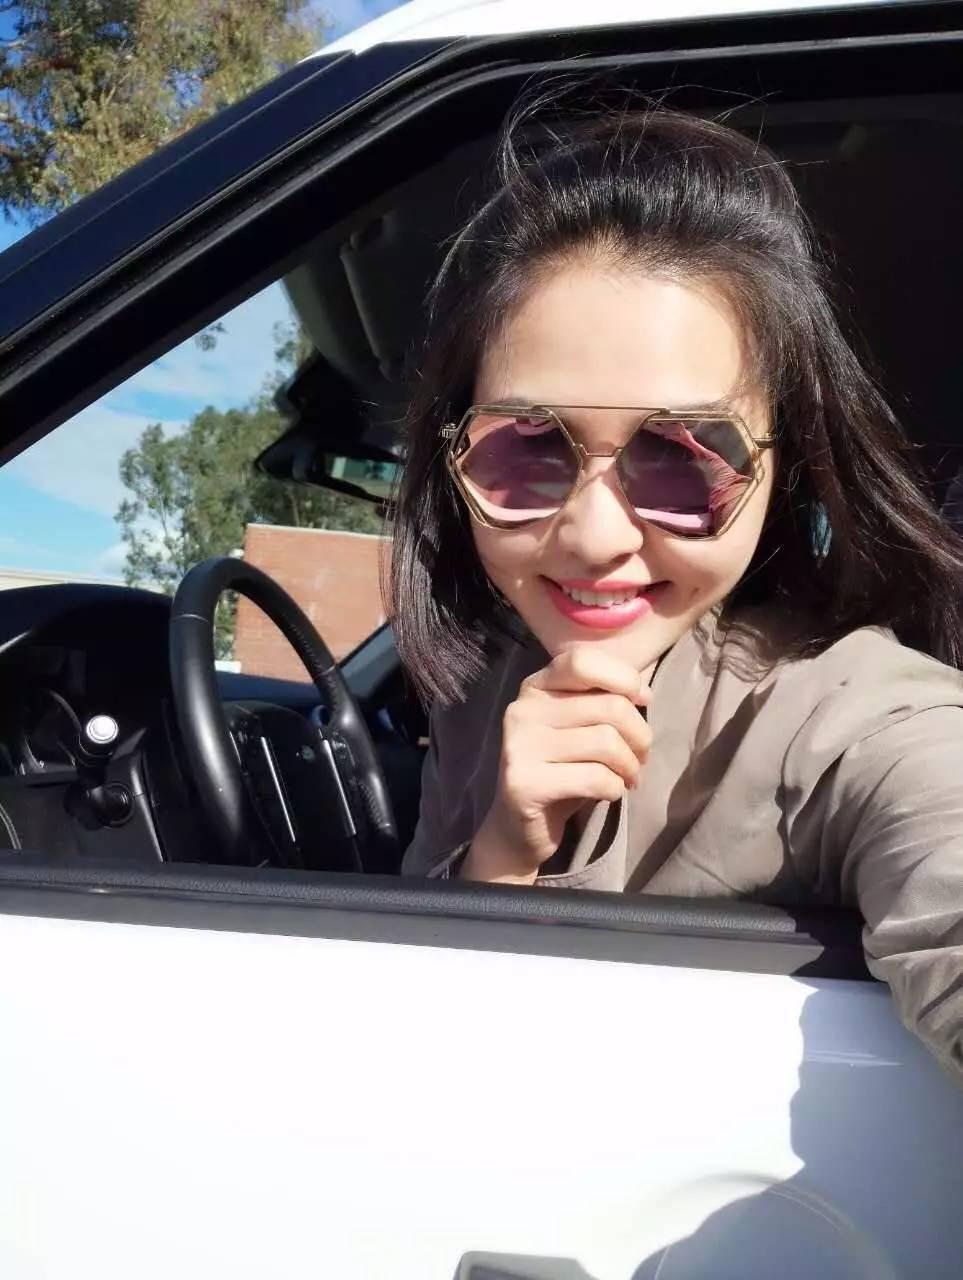 http://www.ddhaihao.com/kejizhishi/40305.html